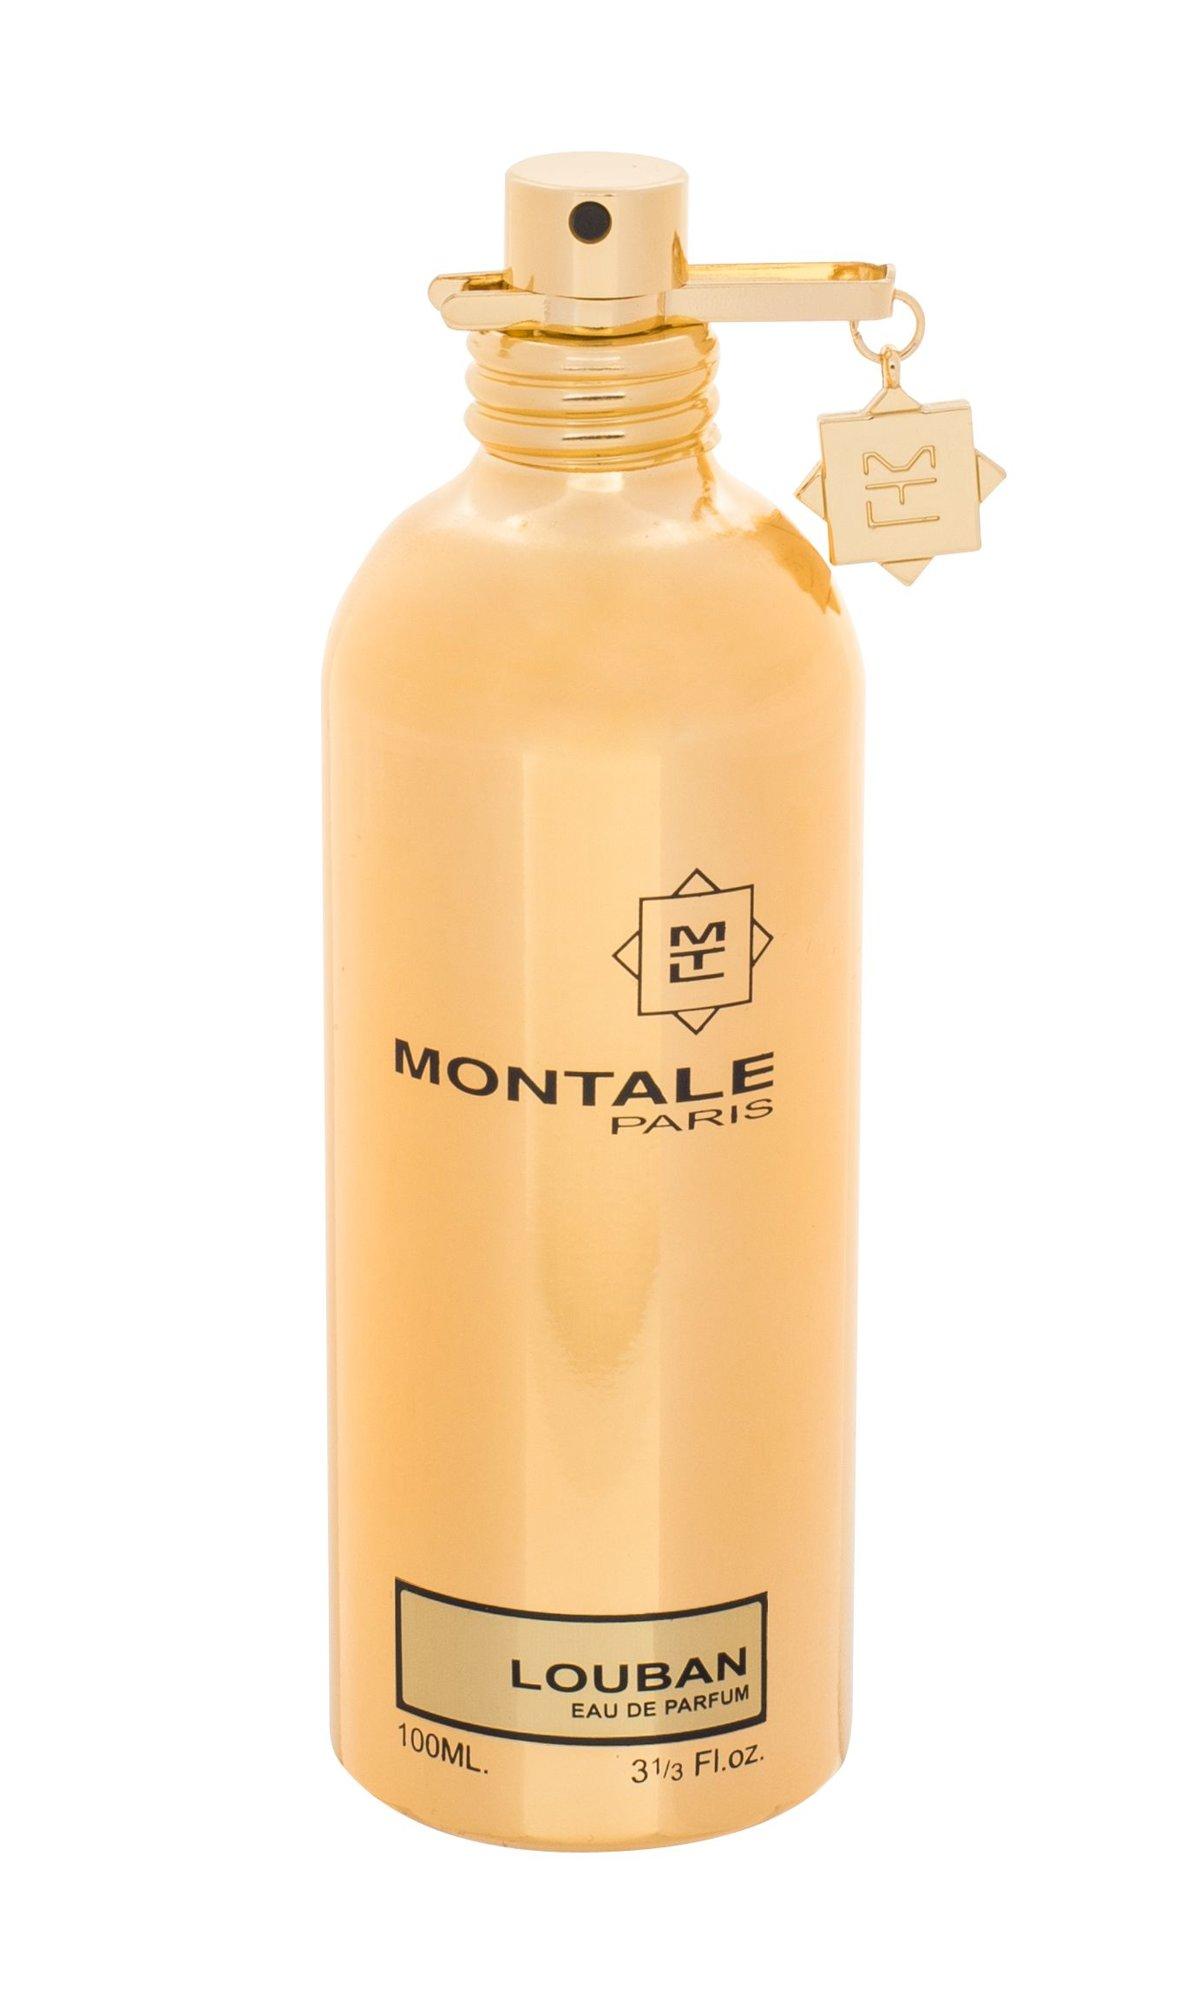 Montale Paris Louban Eau de Parfum 100ml